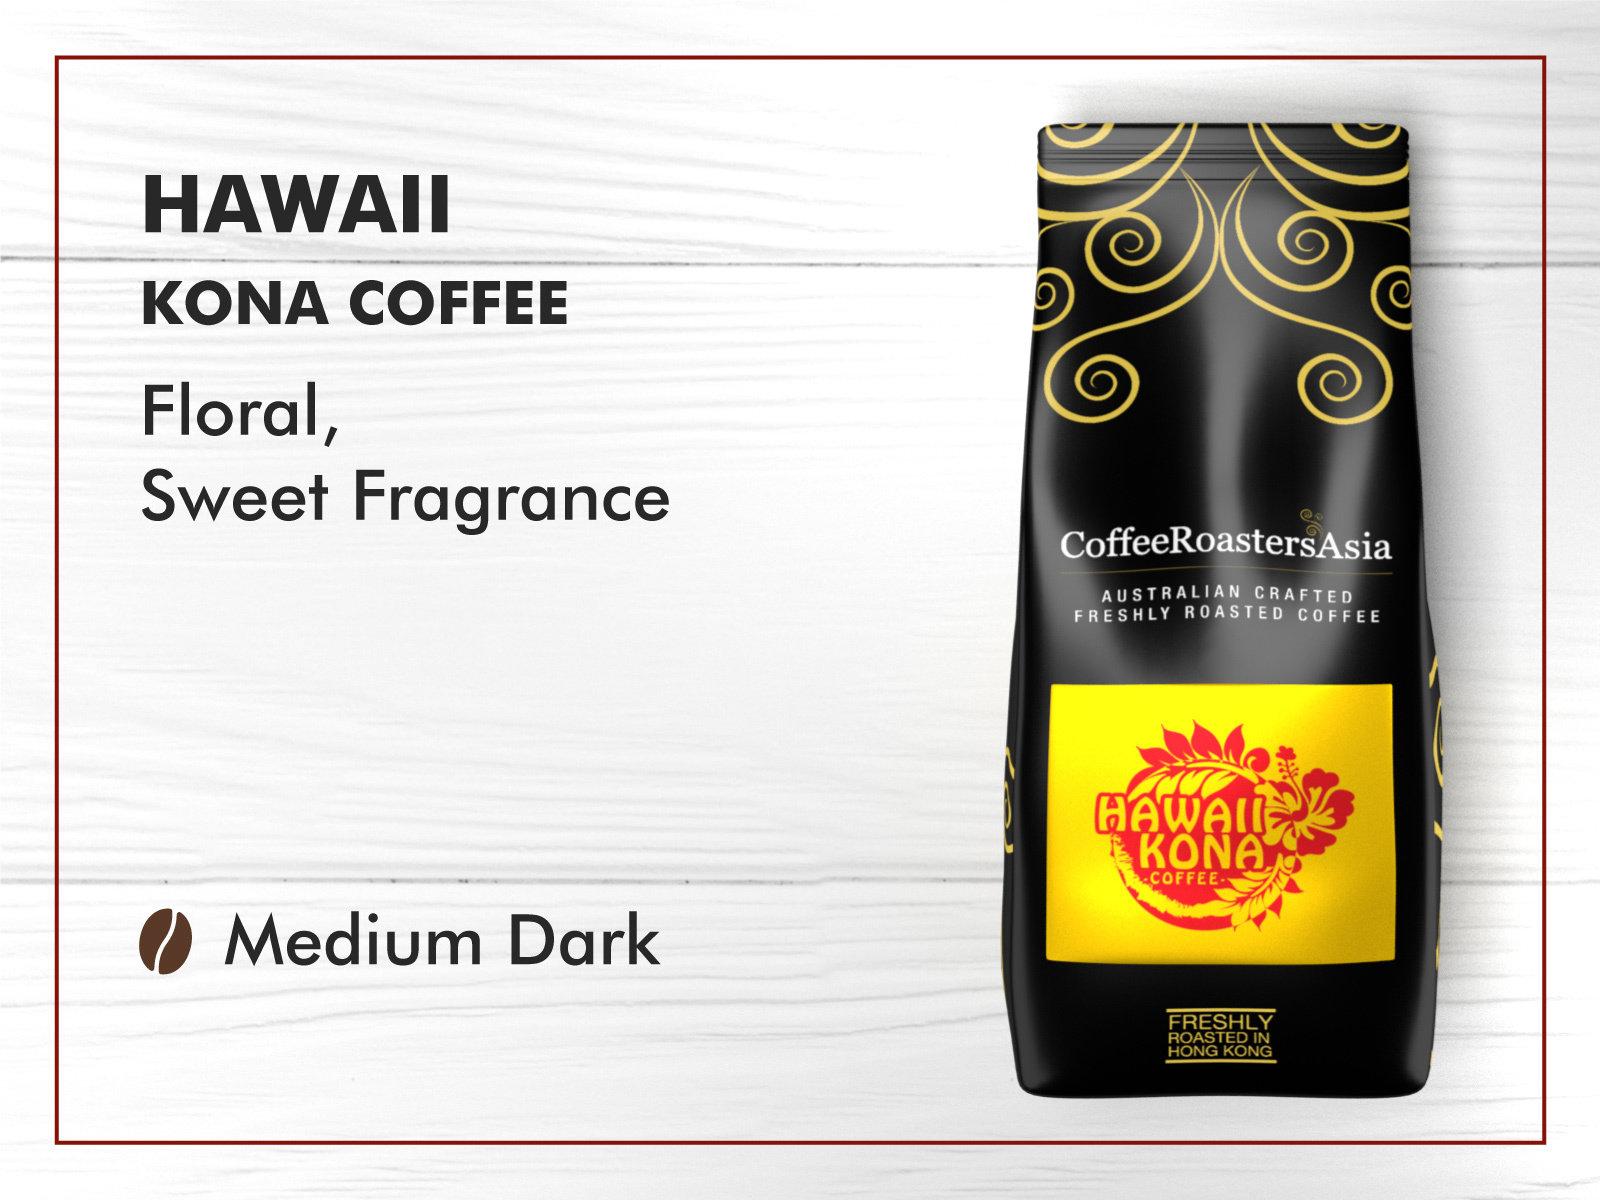 Hawaii Kona Coffee 03025